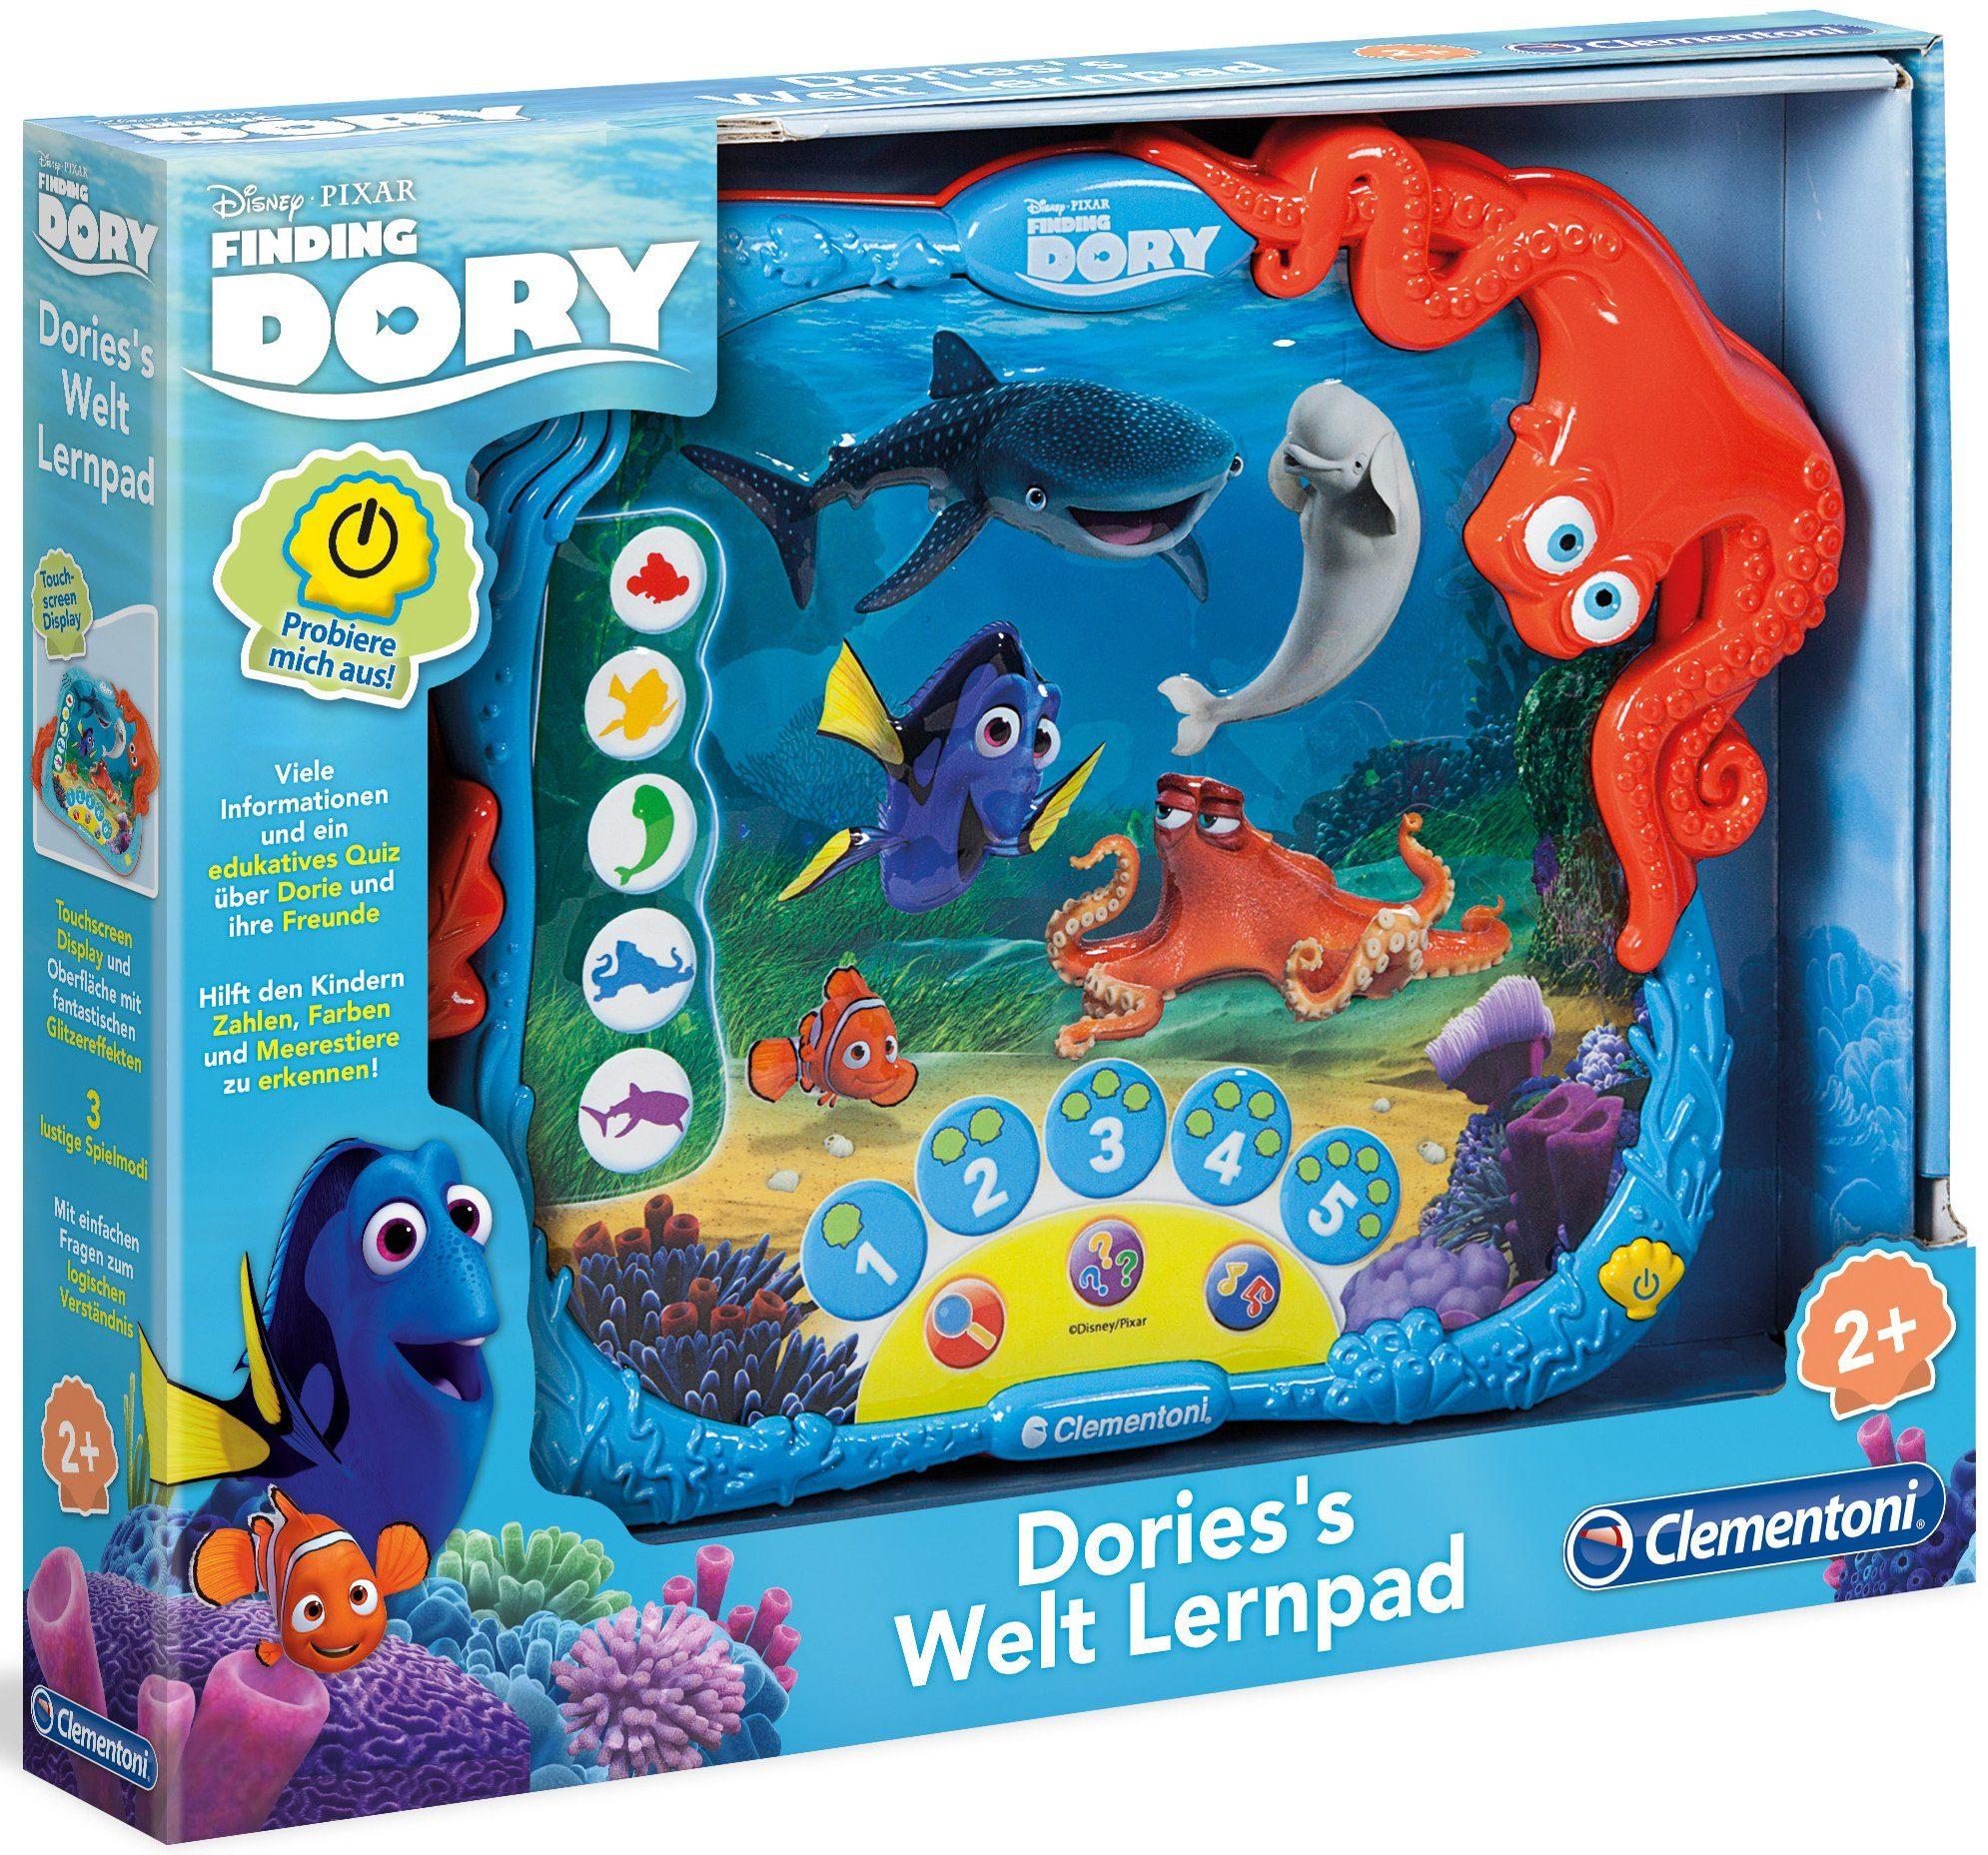 Clementoni Elektronisches Lernspiel, »Disney Pixar Finding Dory, Dorie´s Welt Lernpad«